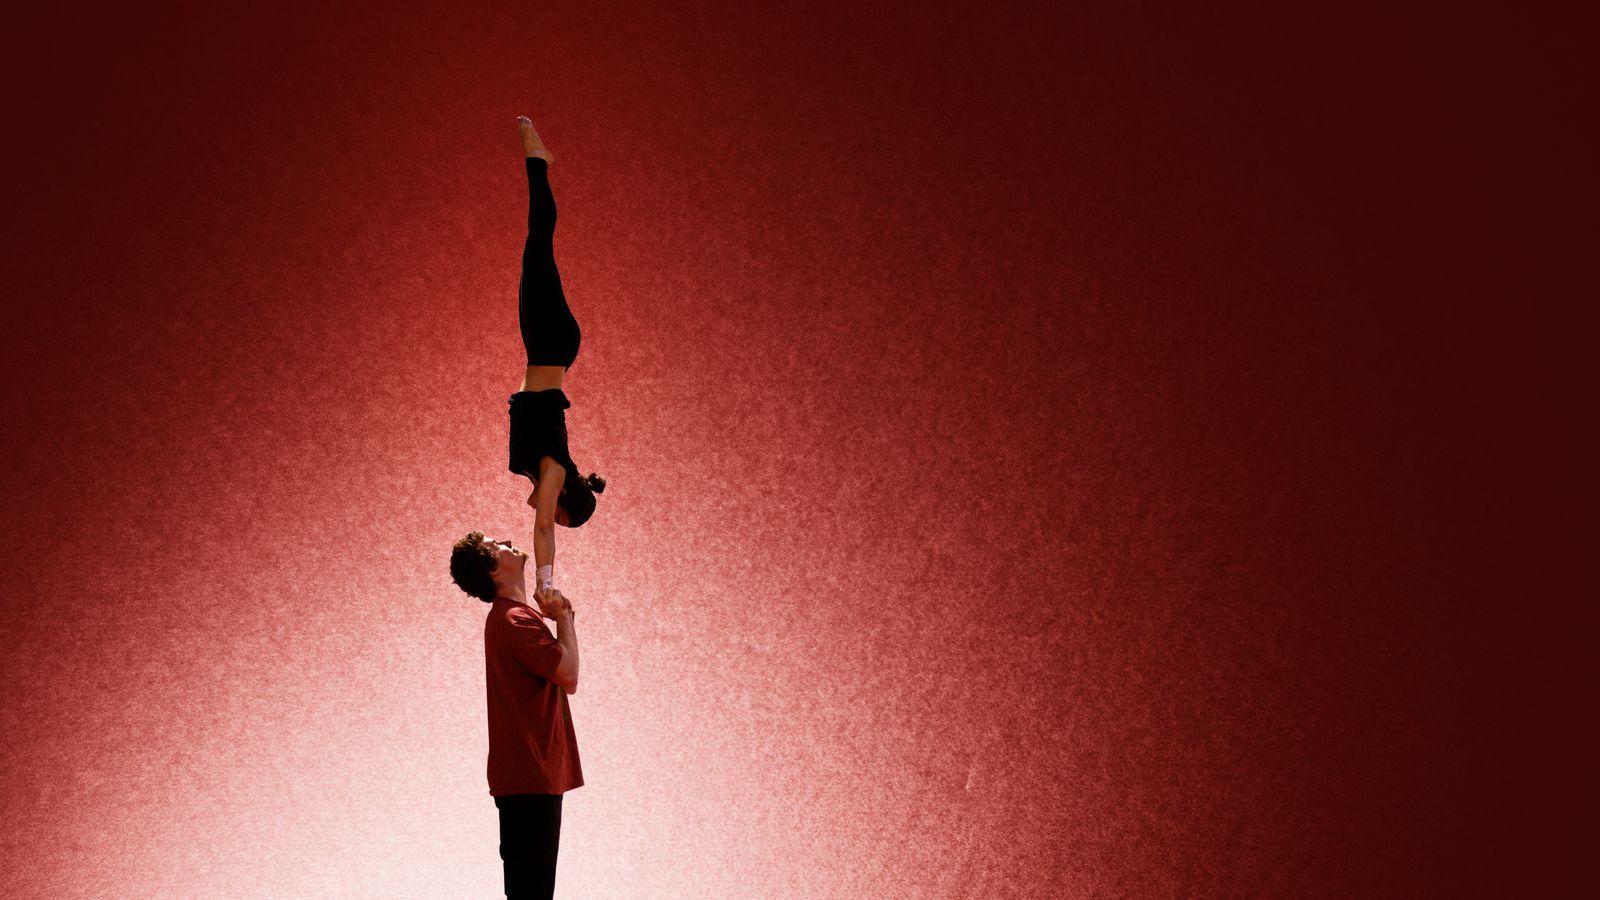 Iona et Jonas font un main-à-main au gymnase d'Overground Circus à Lyon 5e. Ils se sourient mutuellement dans cette photo de cirque tout en noir et rouge.